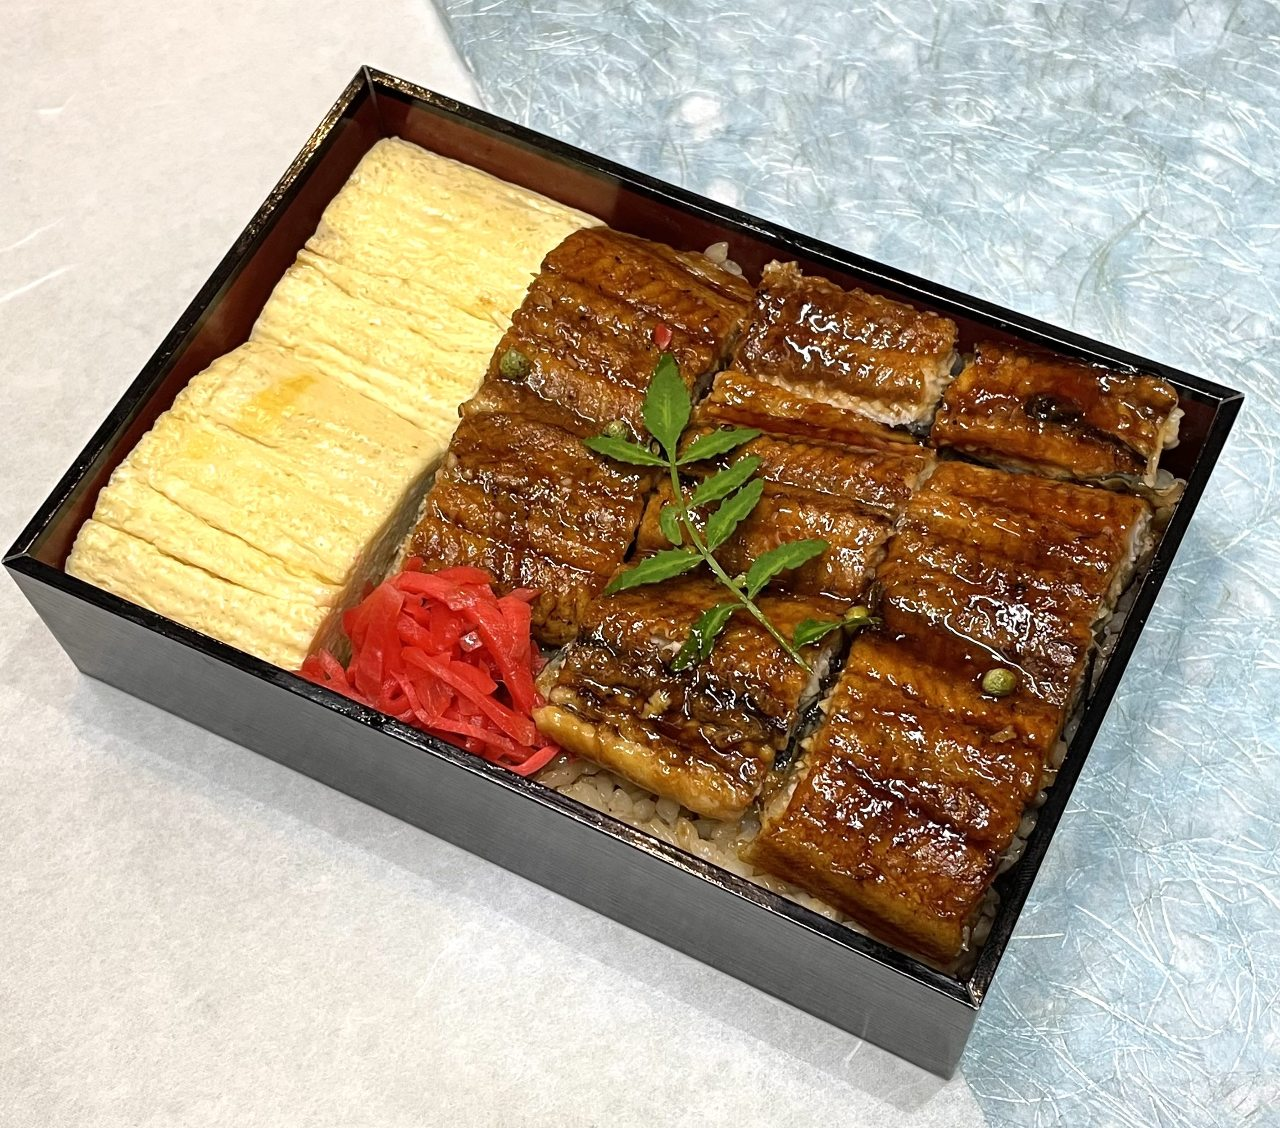 うな玉重(ふっくら煮焼き鰻とだし巻き玉子) 2,250円